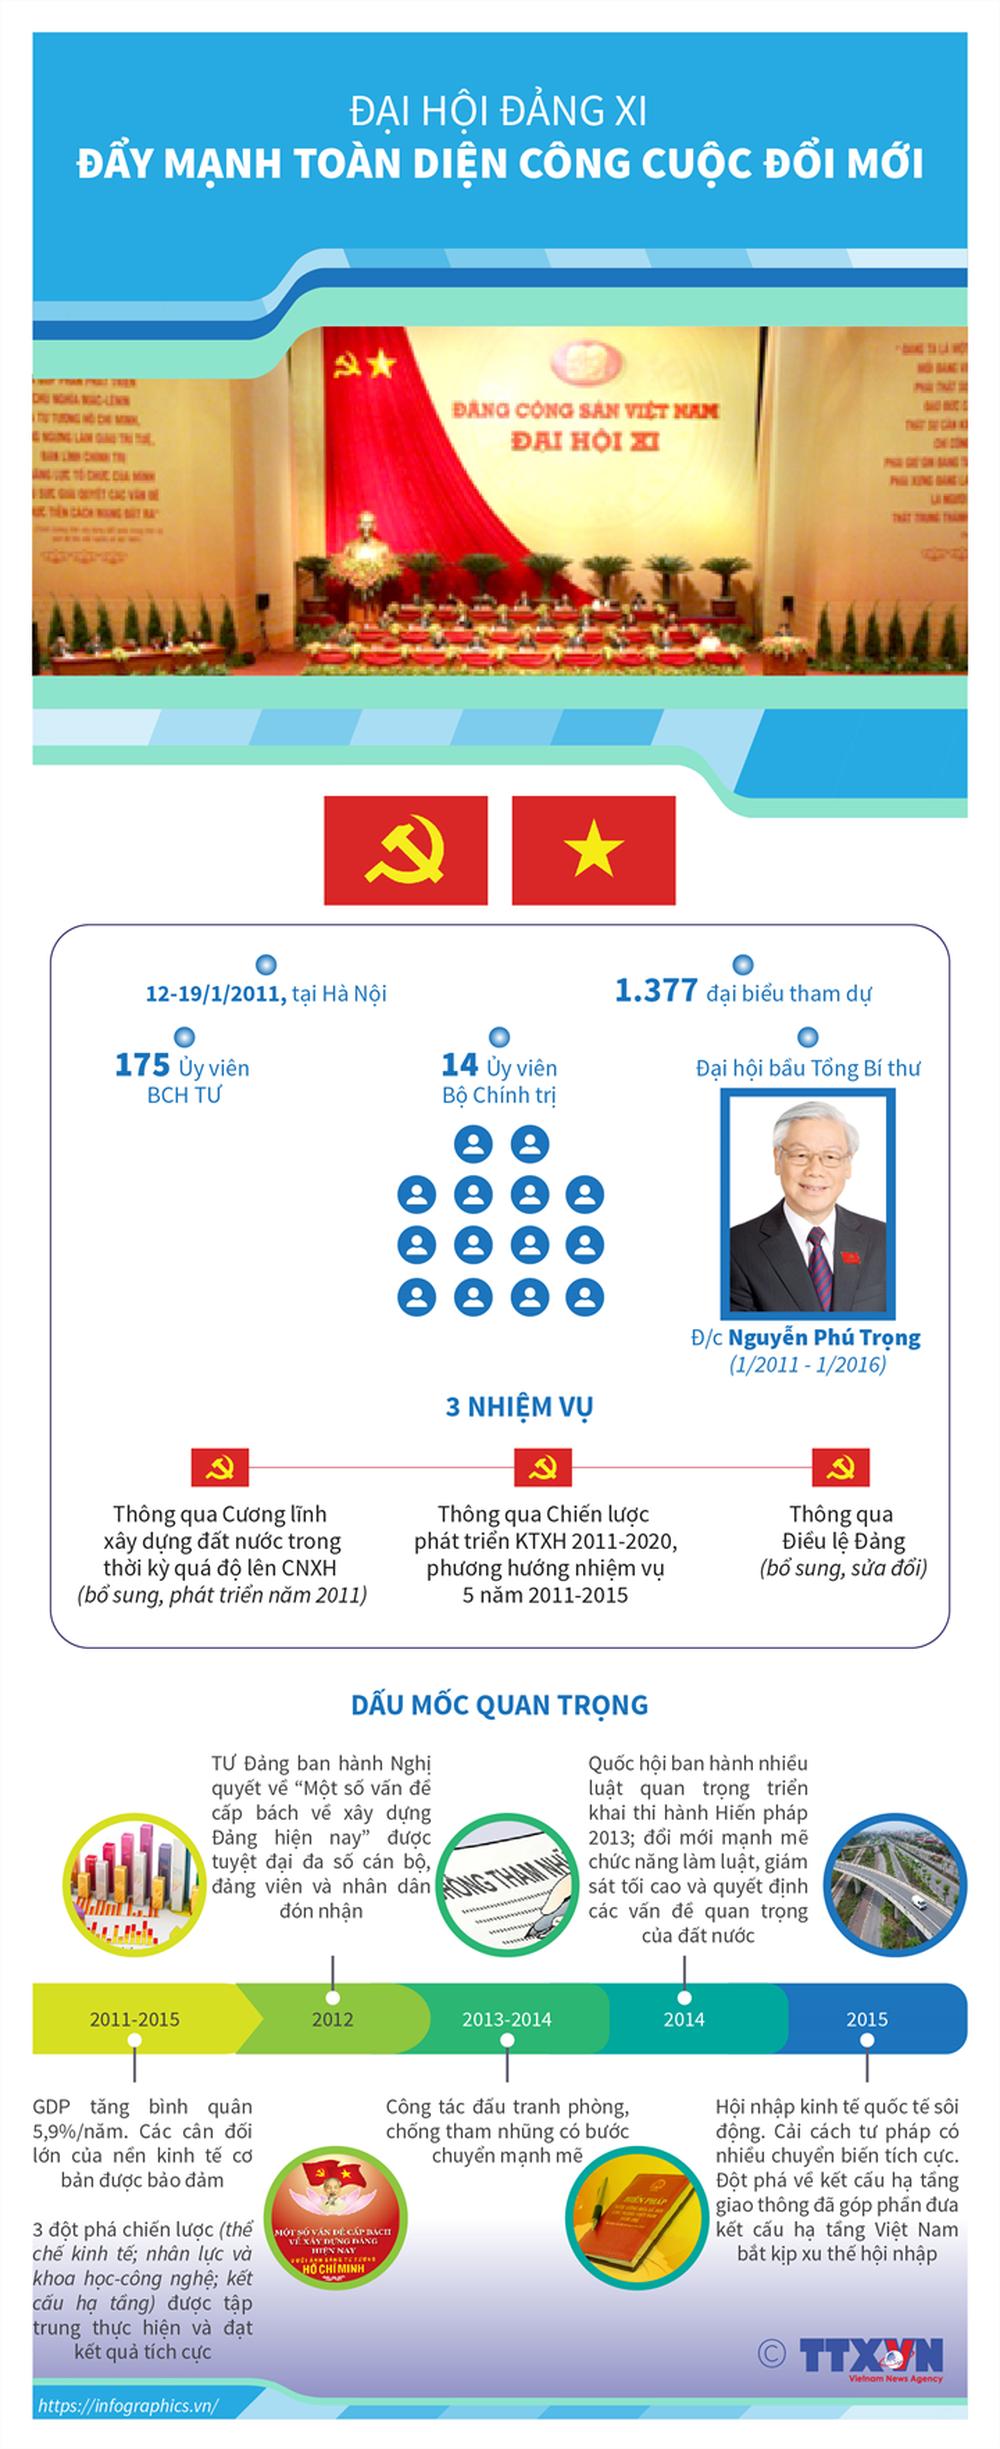 Nhìn lại 12 kỳ Đại hội của Đảng Cộng sản Việt Nam - Ảnh 11.